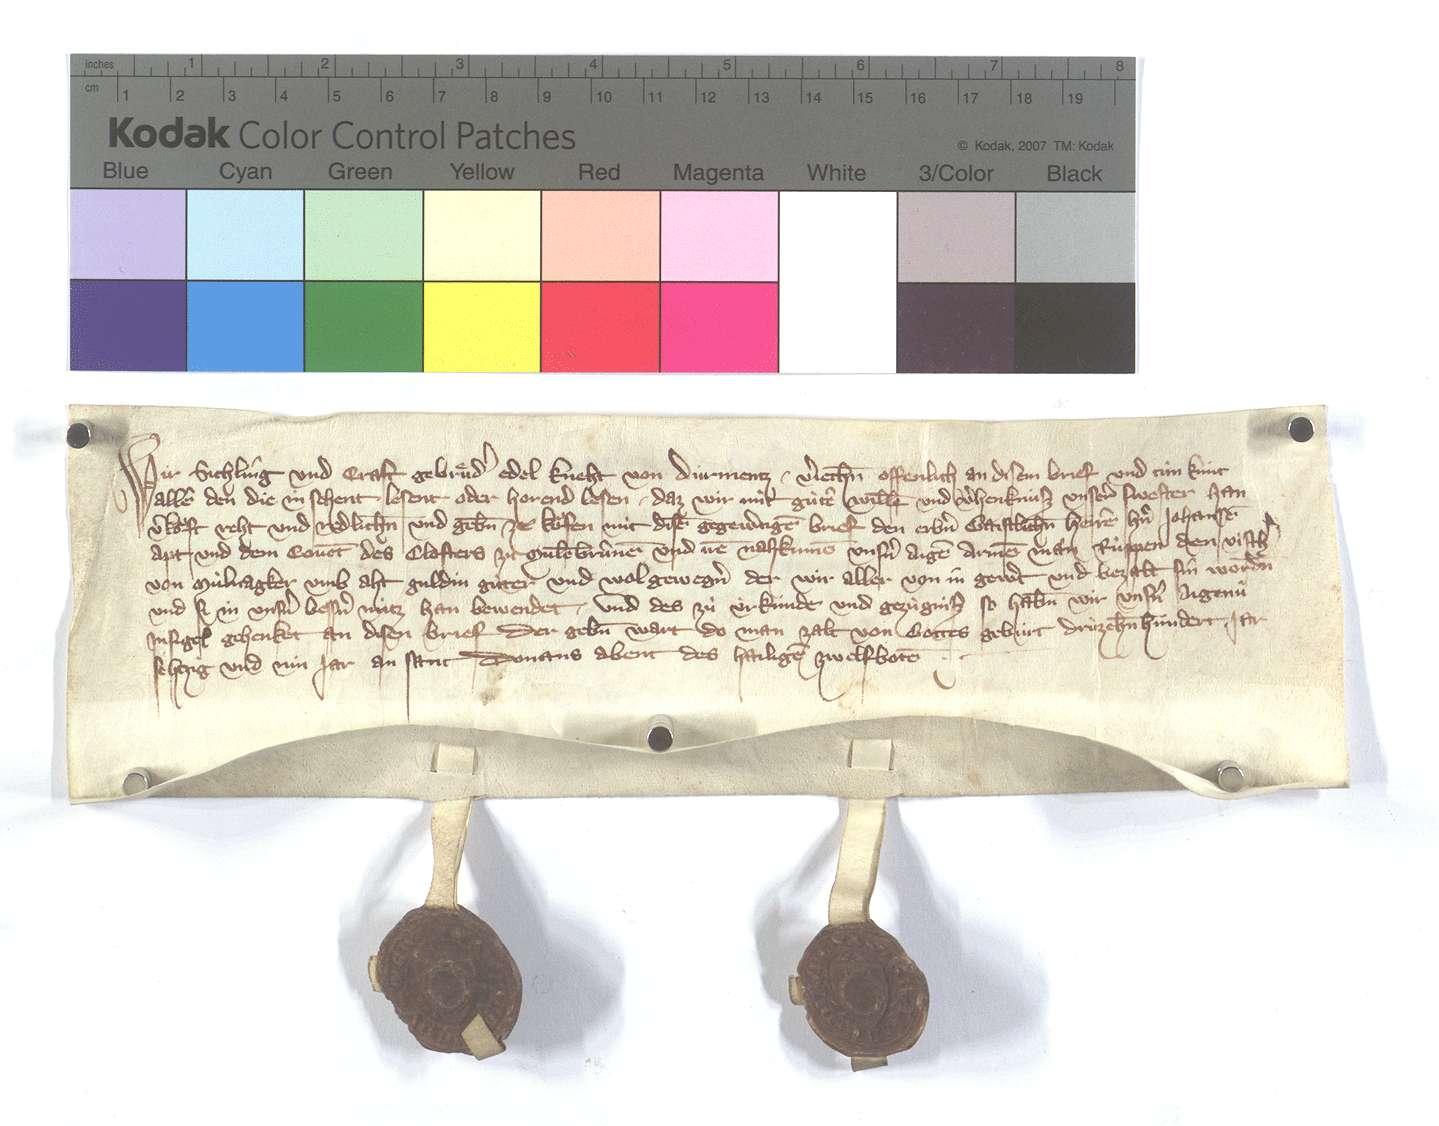 Fertigung der Gebrüder Sichling und Craft von Dürrmenz um einen Leibeigenen in Mühlacker (Mülacker)., Text